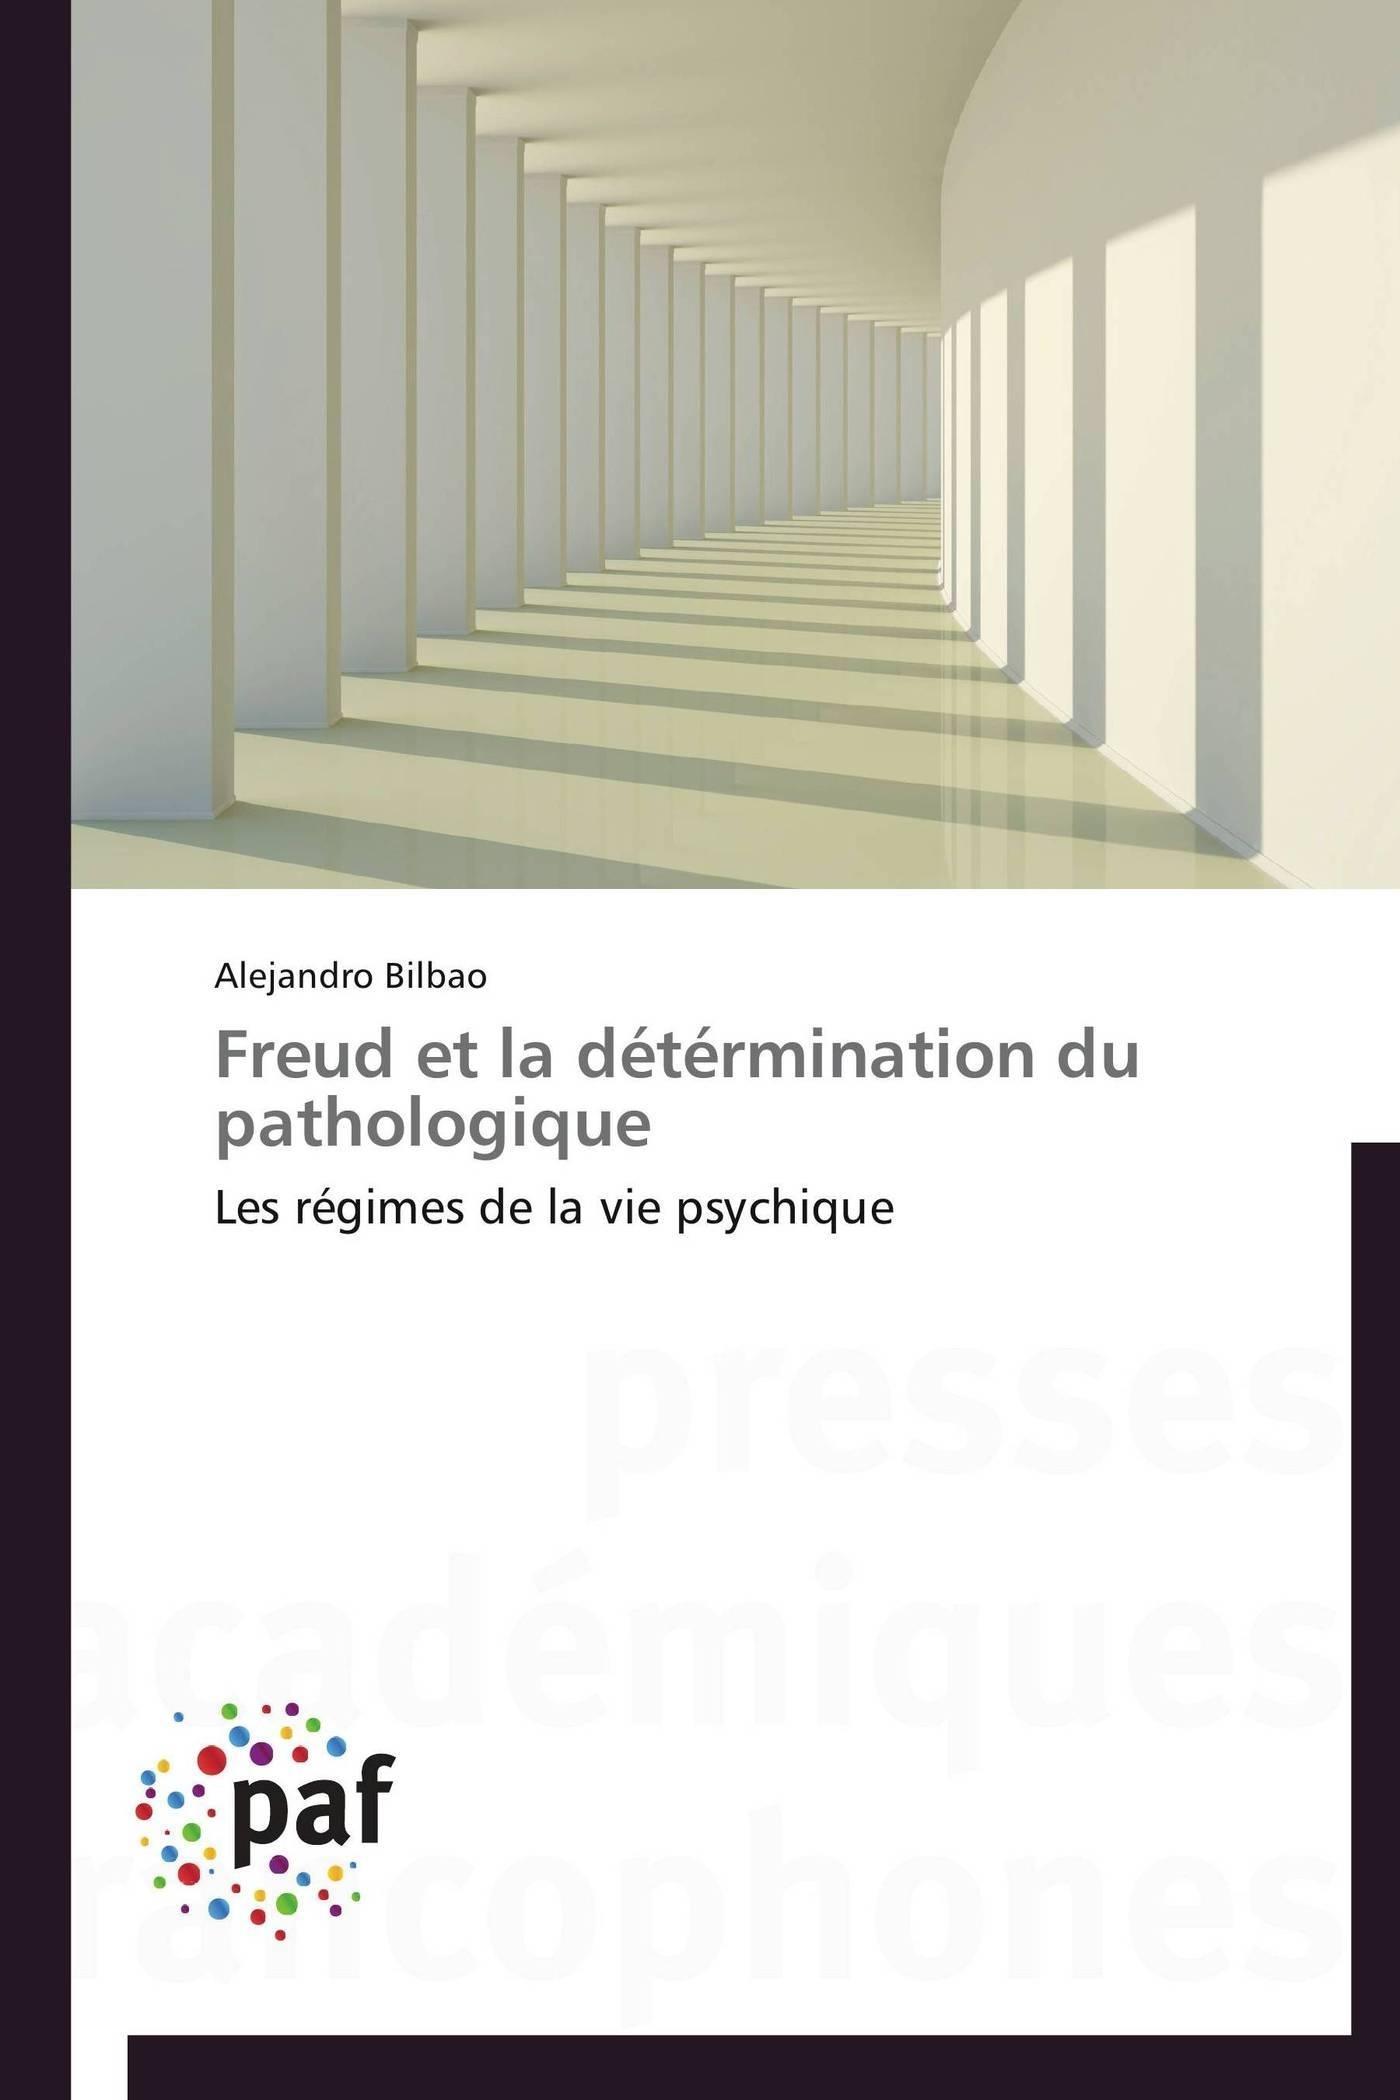 FREUD ET LA DETERMINATION DU PATHOLOGIQUE